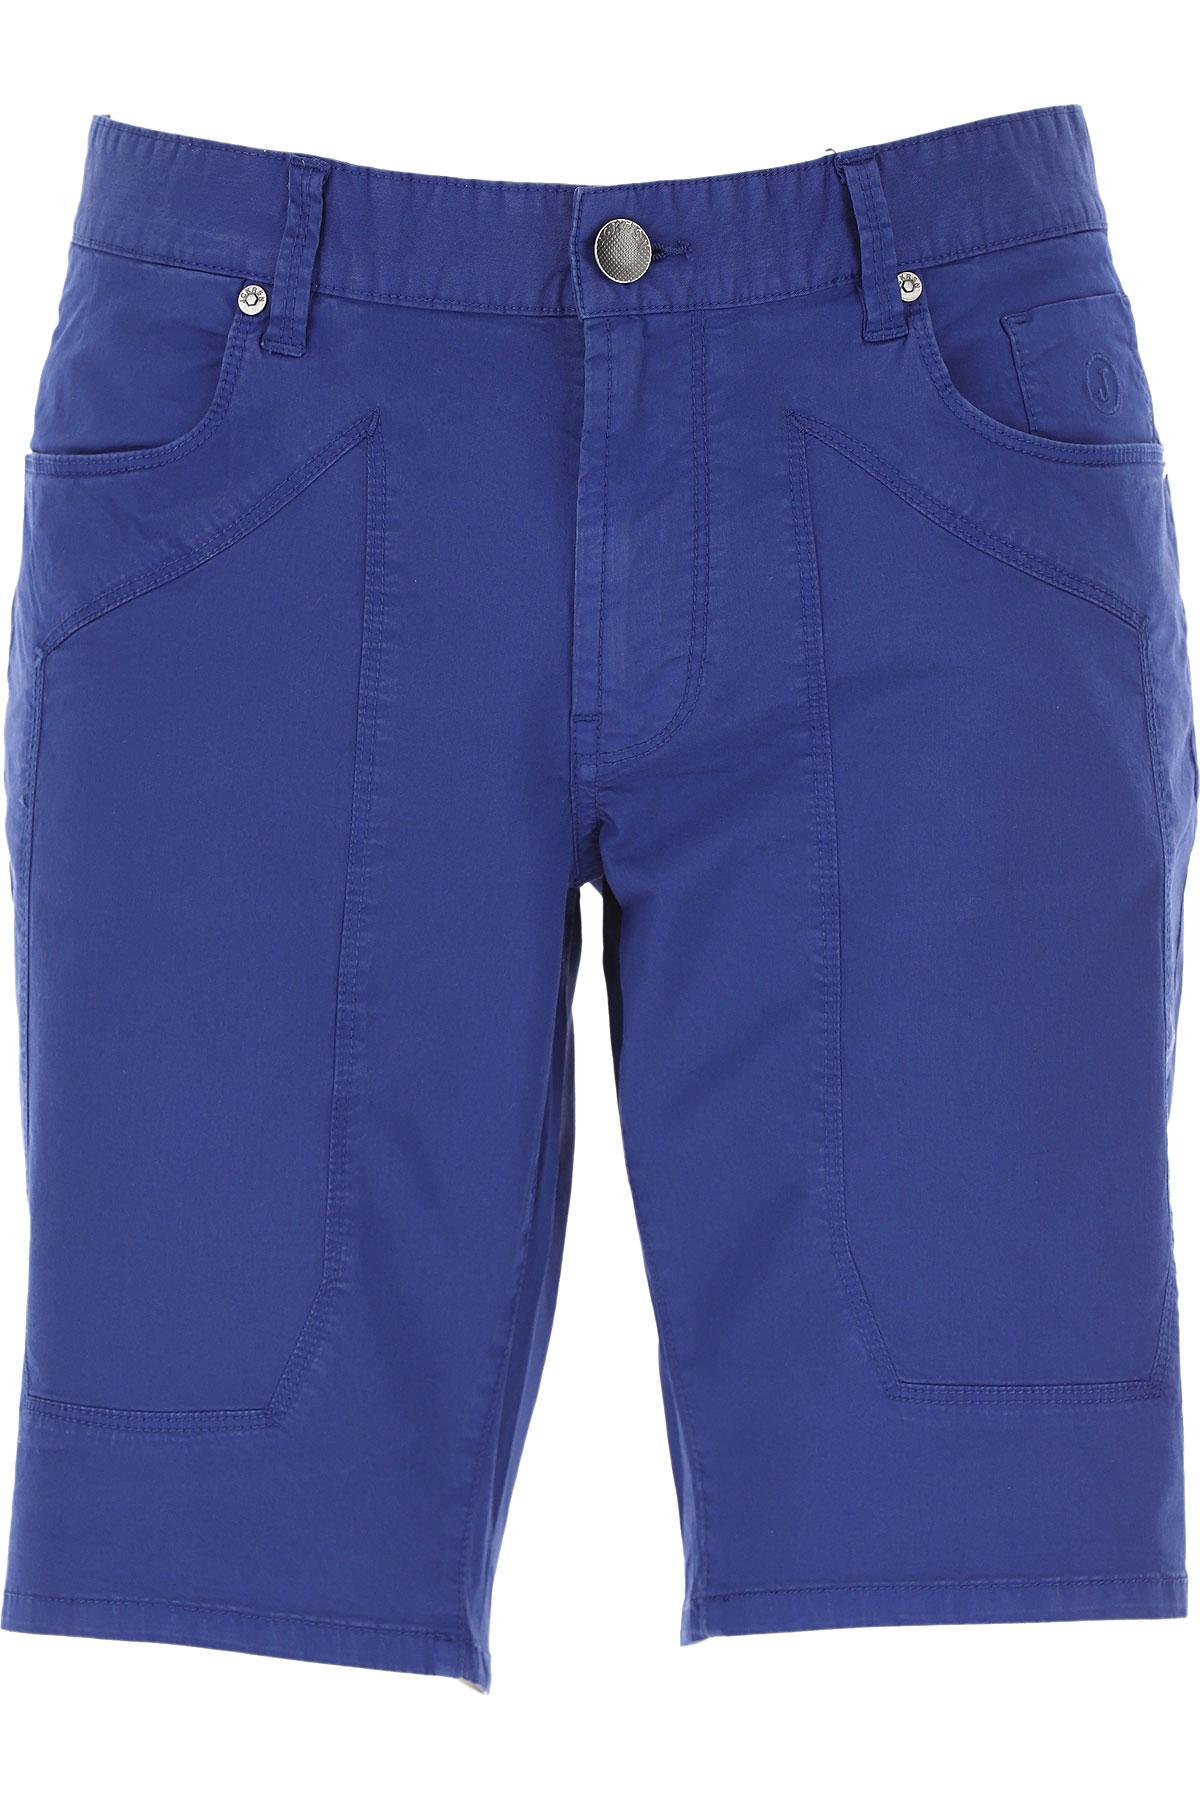 Jeckerson Shorts for Men On Sale, Bluette, Cotton, 2019, 30 31 32 33 34 35 36